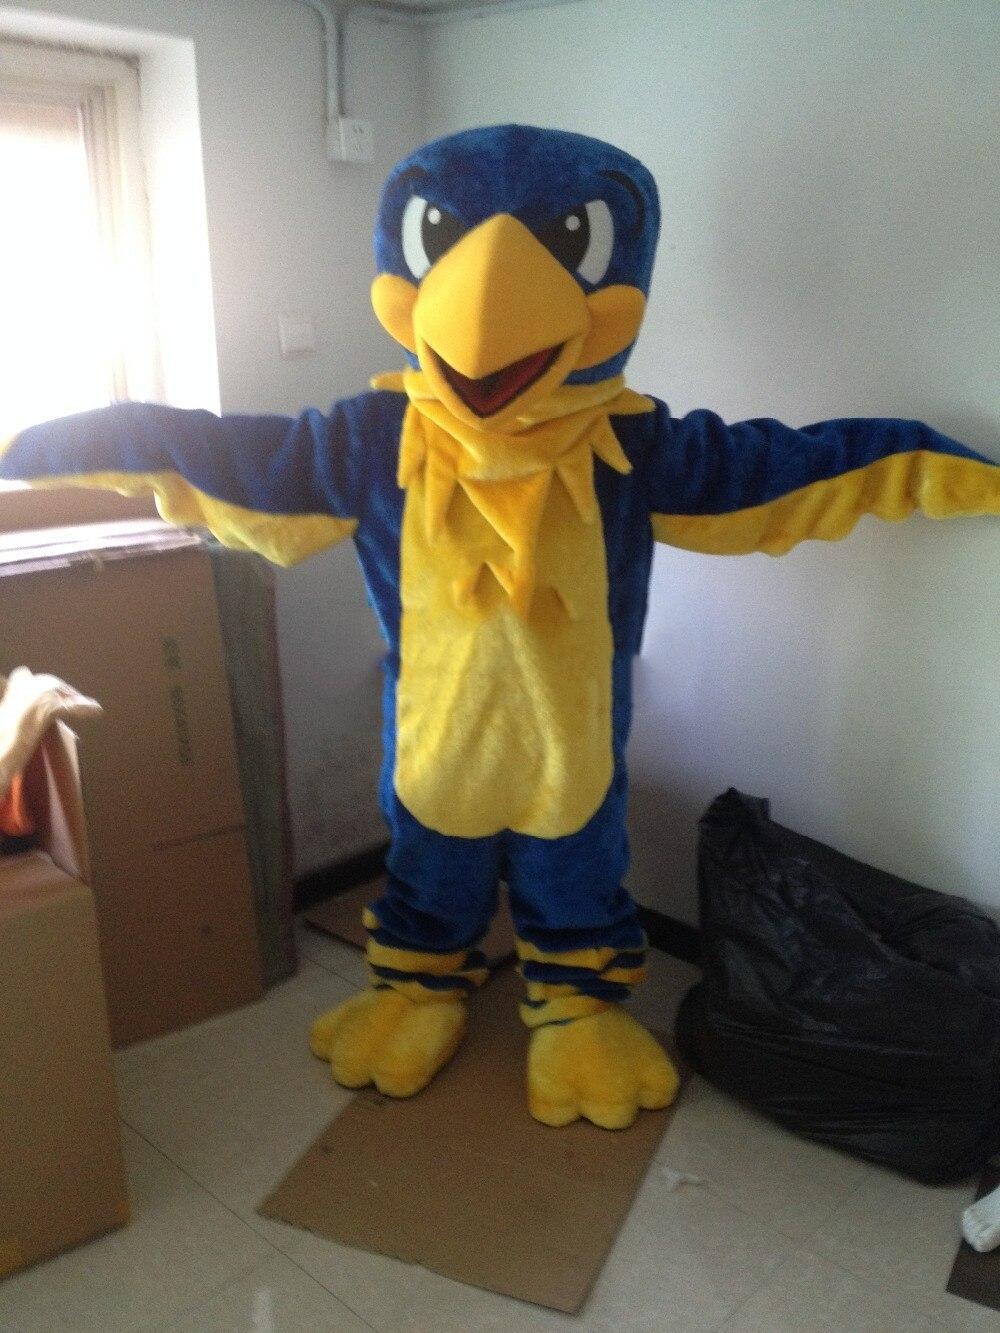 Costume de mascotte aigle bleu costumes Cosplay fête déguisements tenues publicité Promotion Halloween noël pâques adultes taille défilé